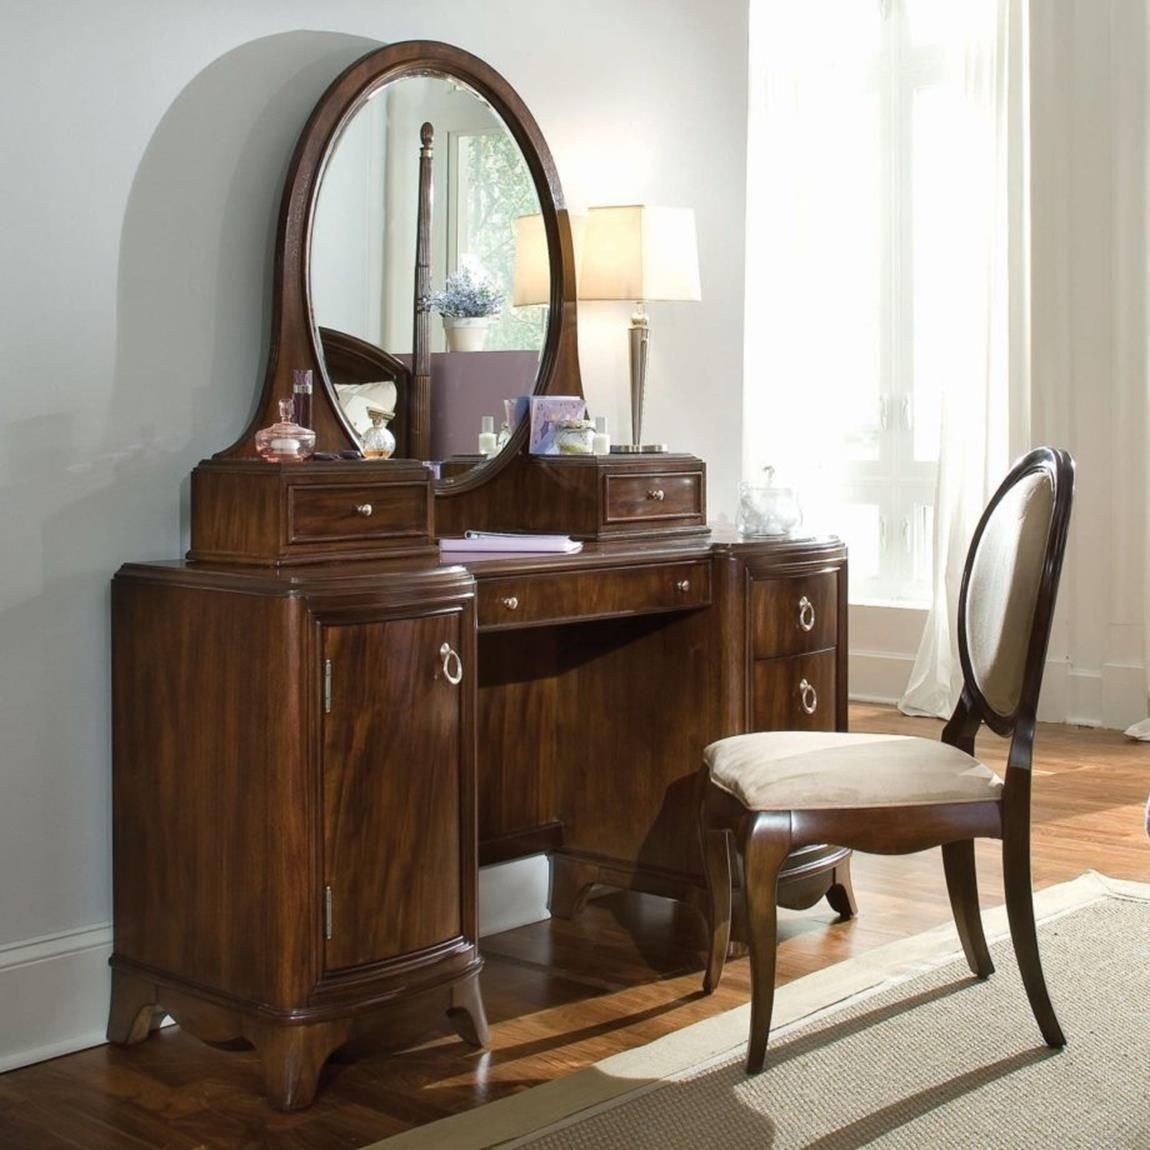 Bedroom Vanity with Light Inspirational Bedroom Vanity Set with Lights Around Mirror 16